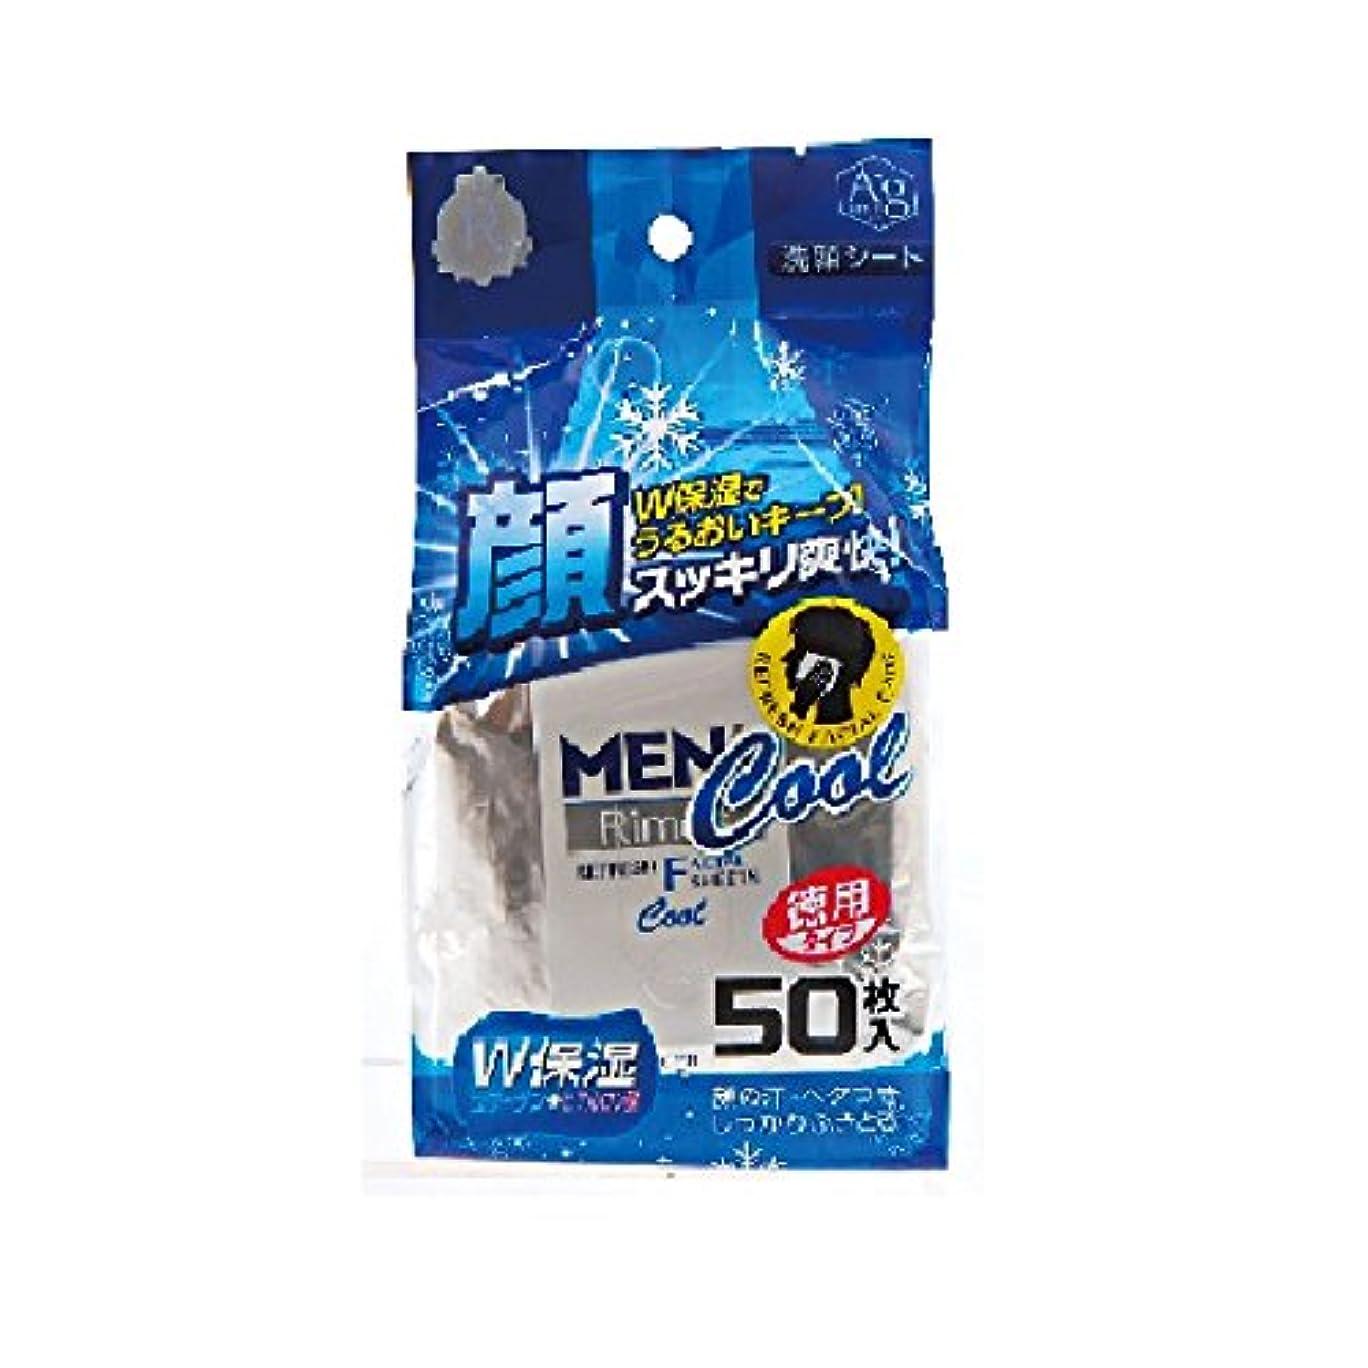 ふける不適切な神経障害Rimos メンズ洗顔シート クール 50枚